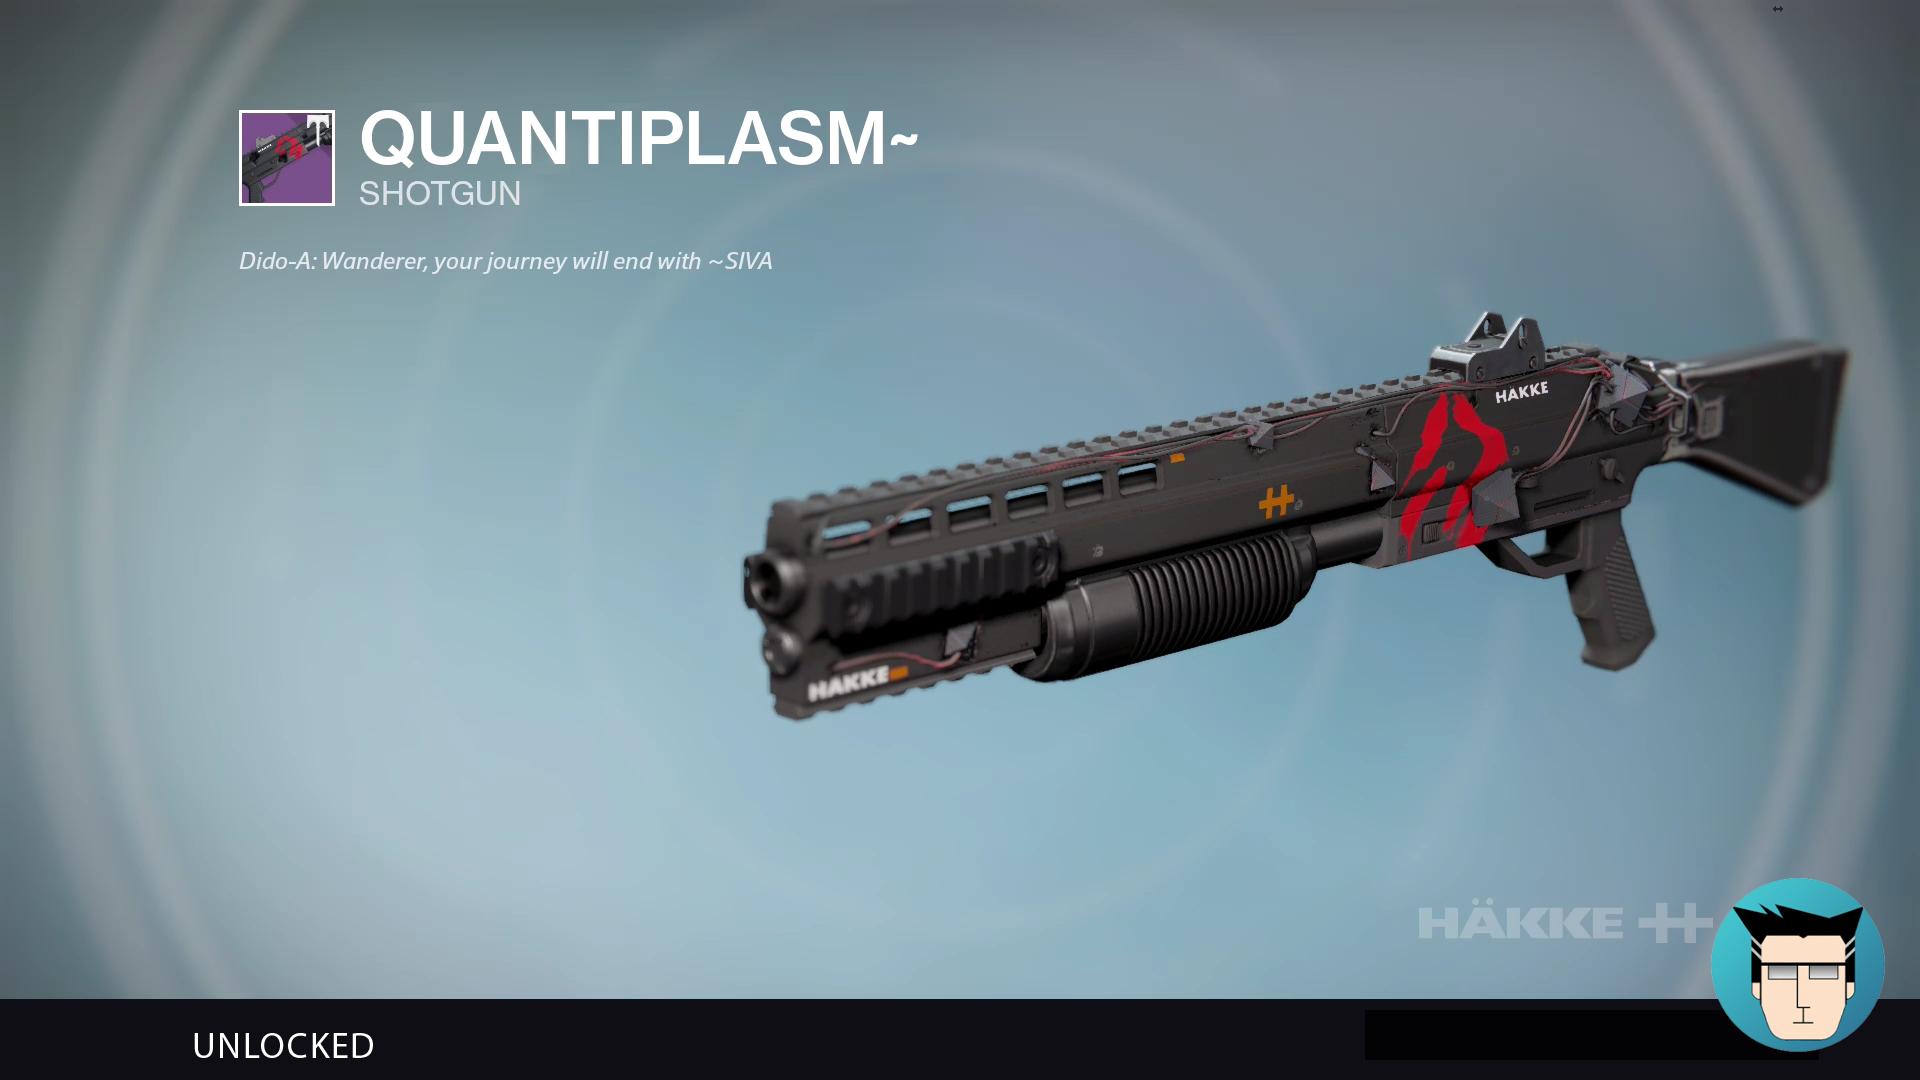 Quantiplasm~   Unlocked